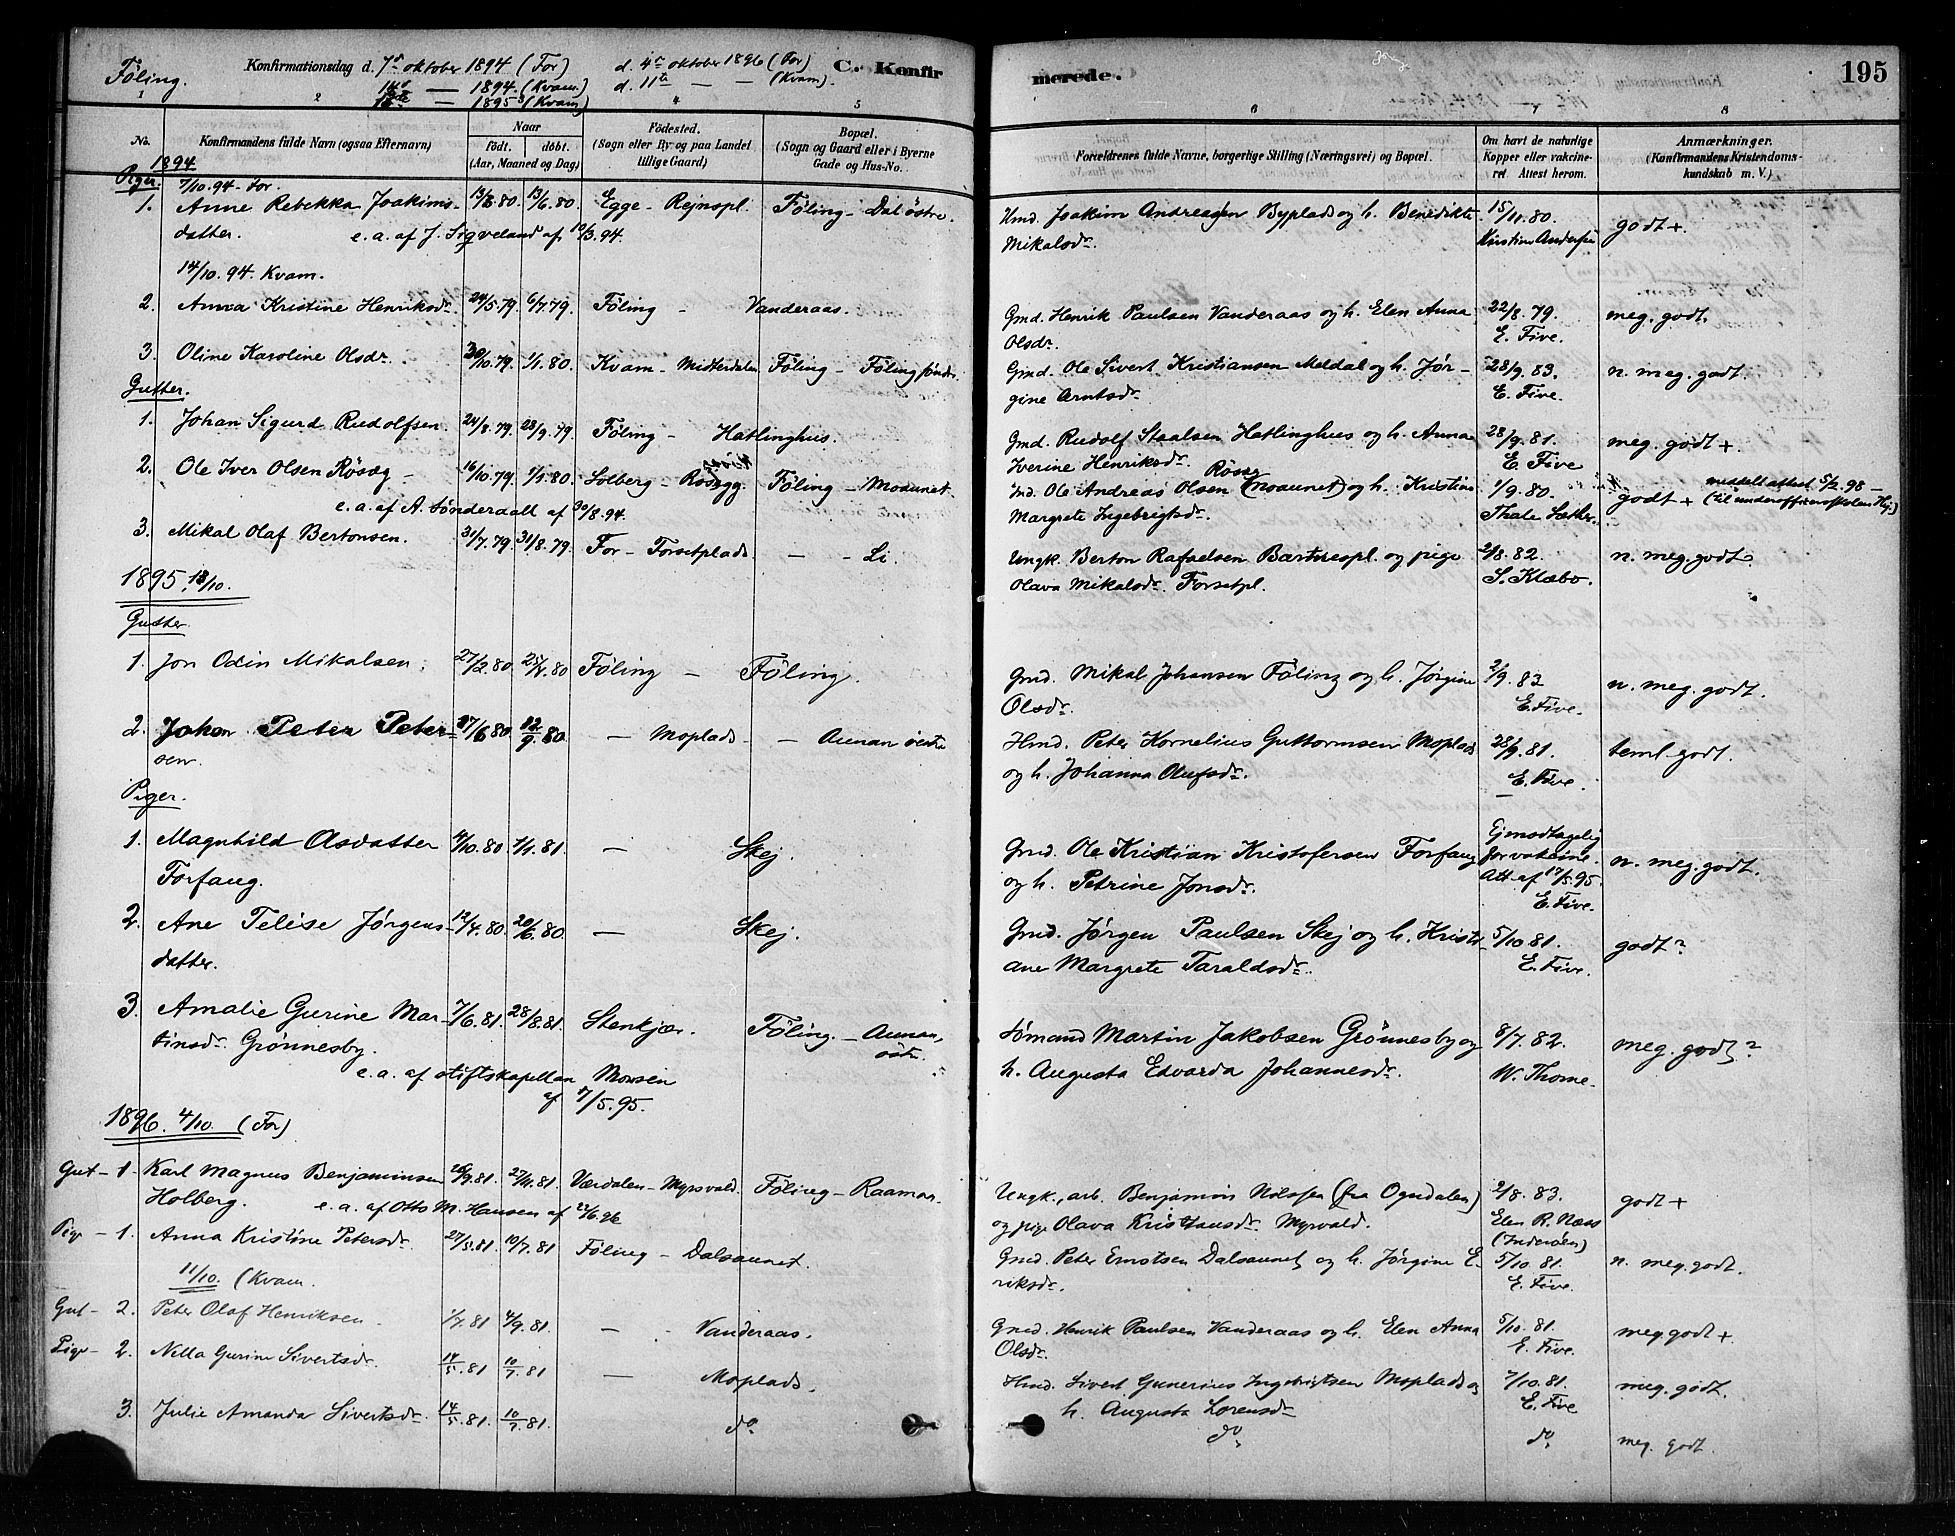 SAT, Ministerialprotokoller, klokkerbøker og fødselsregistre - Nord-Trøndelag, 746/L0449: Ministerialbok nr. 746A07 /3, 1878-1899, s. 195